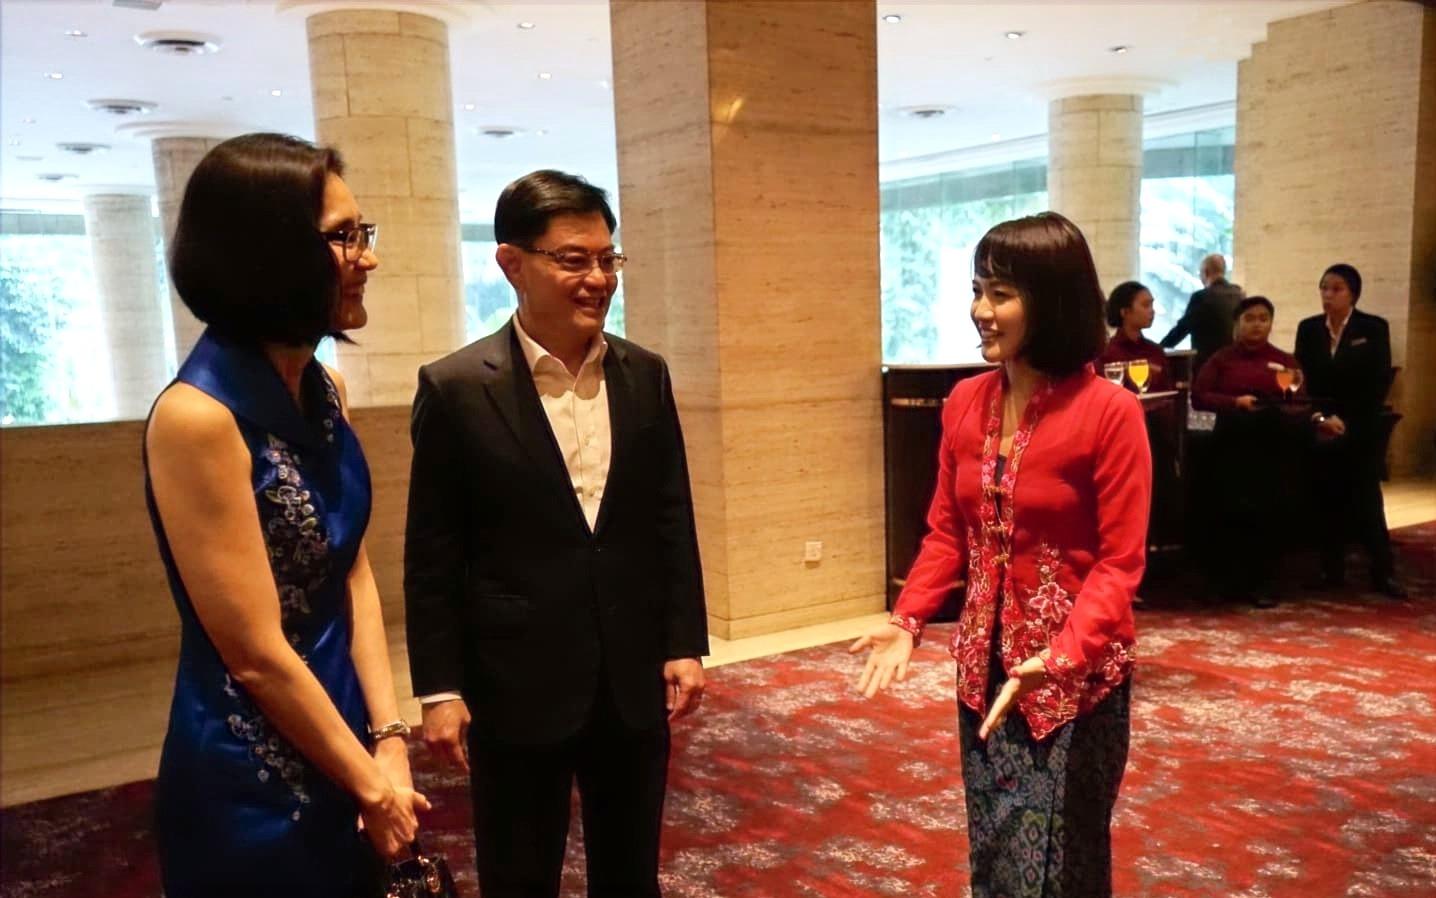 シンガポールのヘン・スイーキアット副首相兼財務相と国家遺産局・最高経営責任者でもある奥様のチャン・フィー・ニー氏と